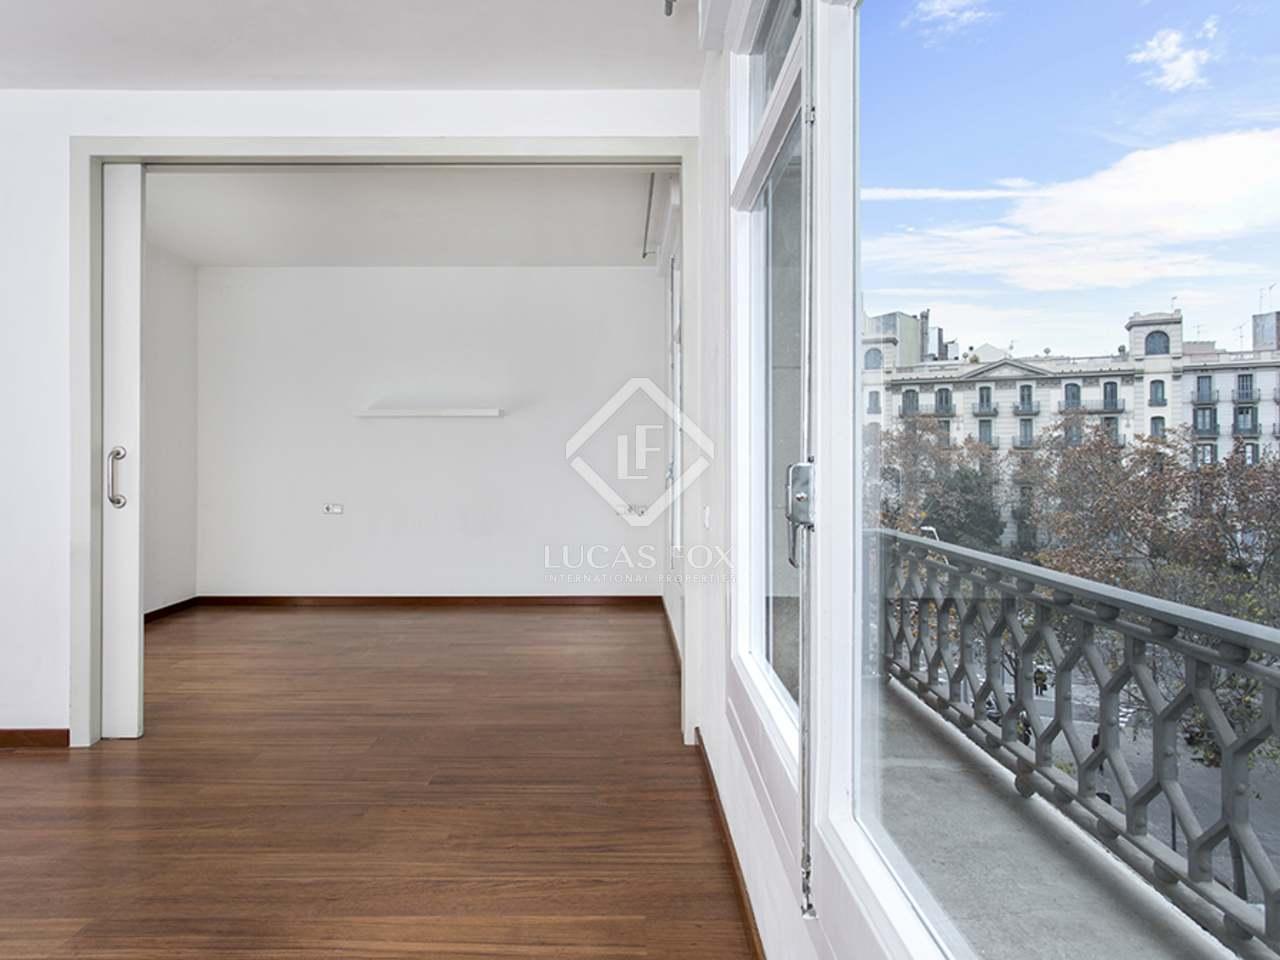 Appartement de 95m a louer eixample droite barcelone for Appartement a louer a barcelone avec piscine